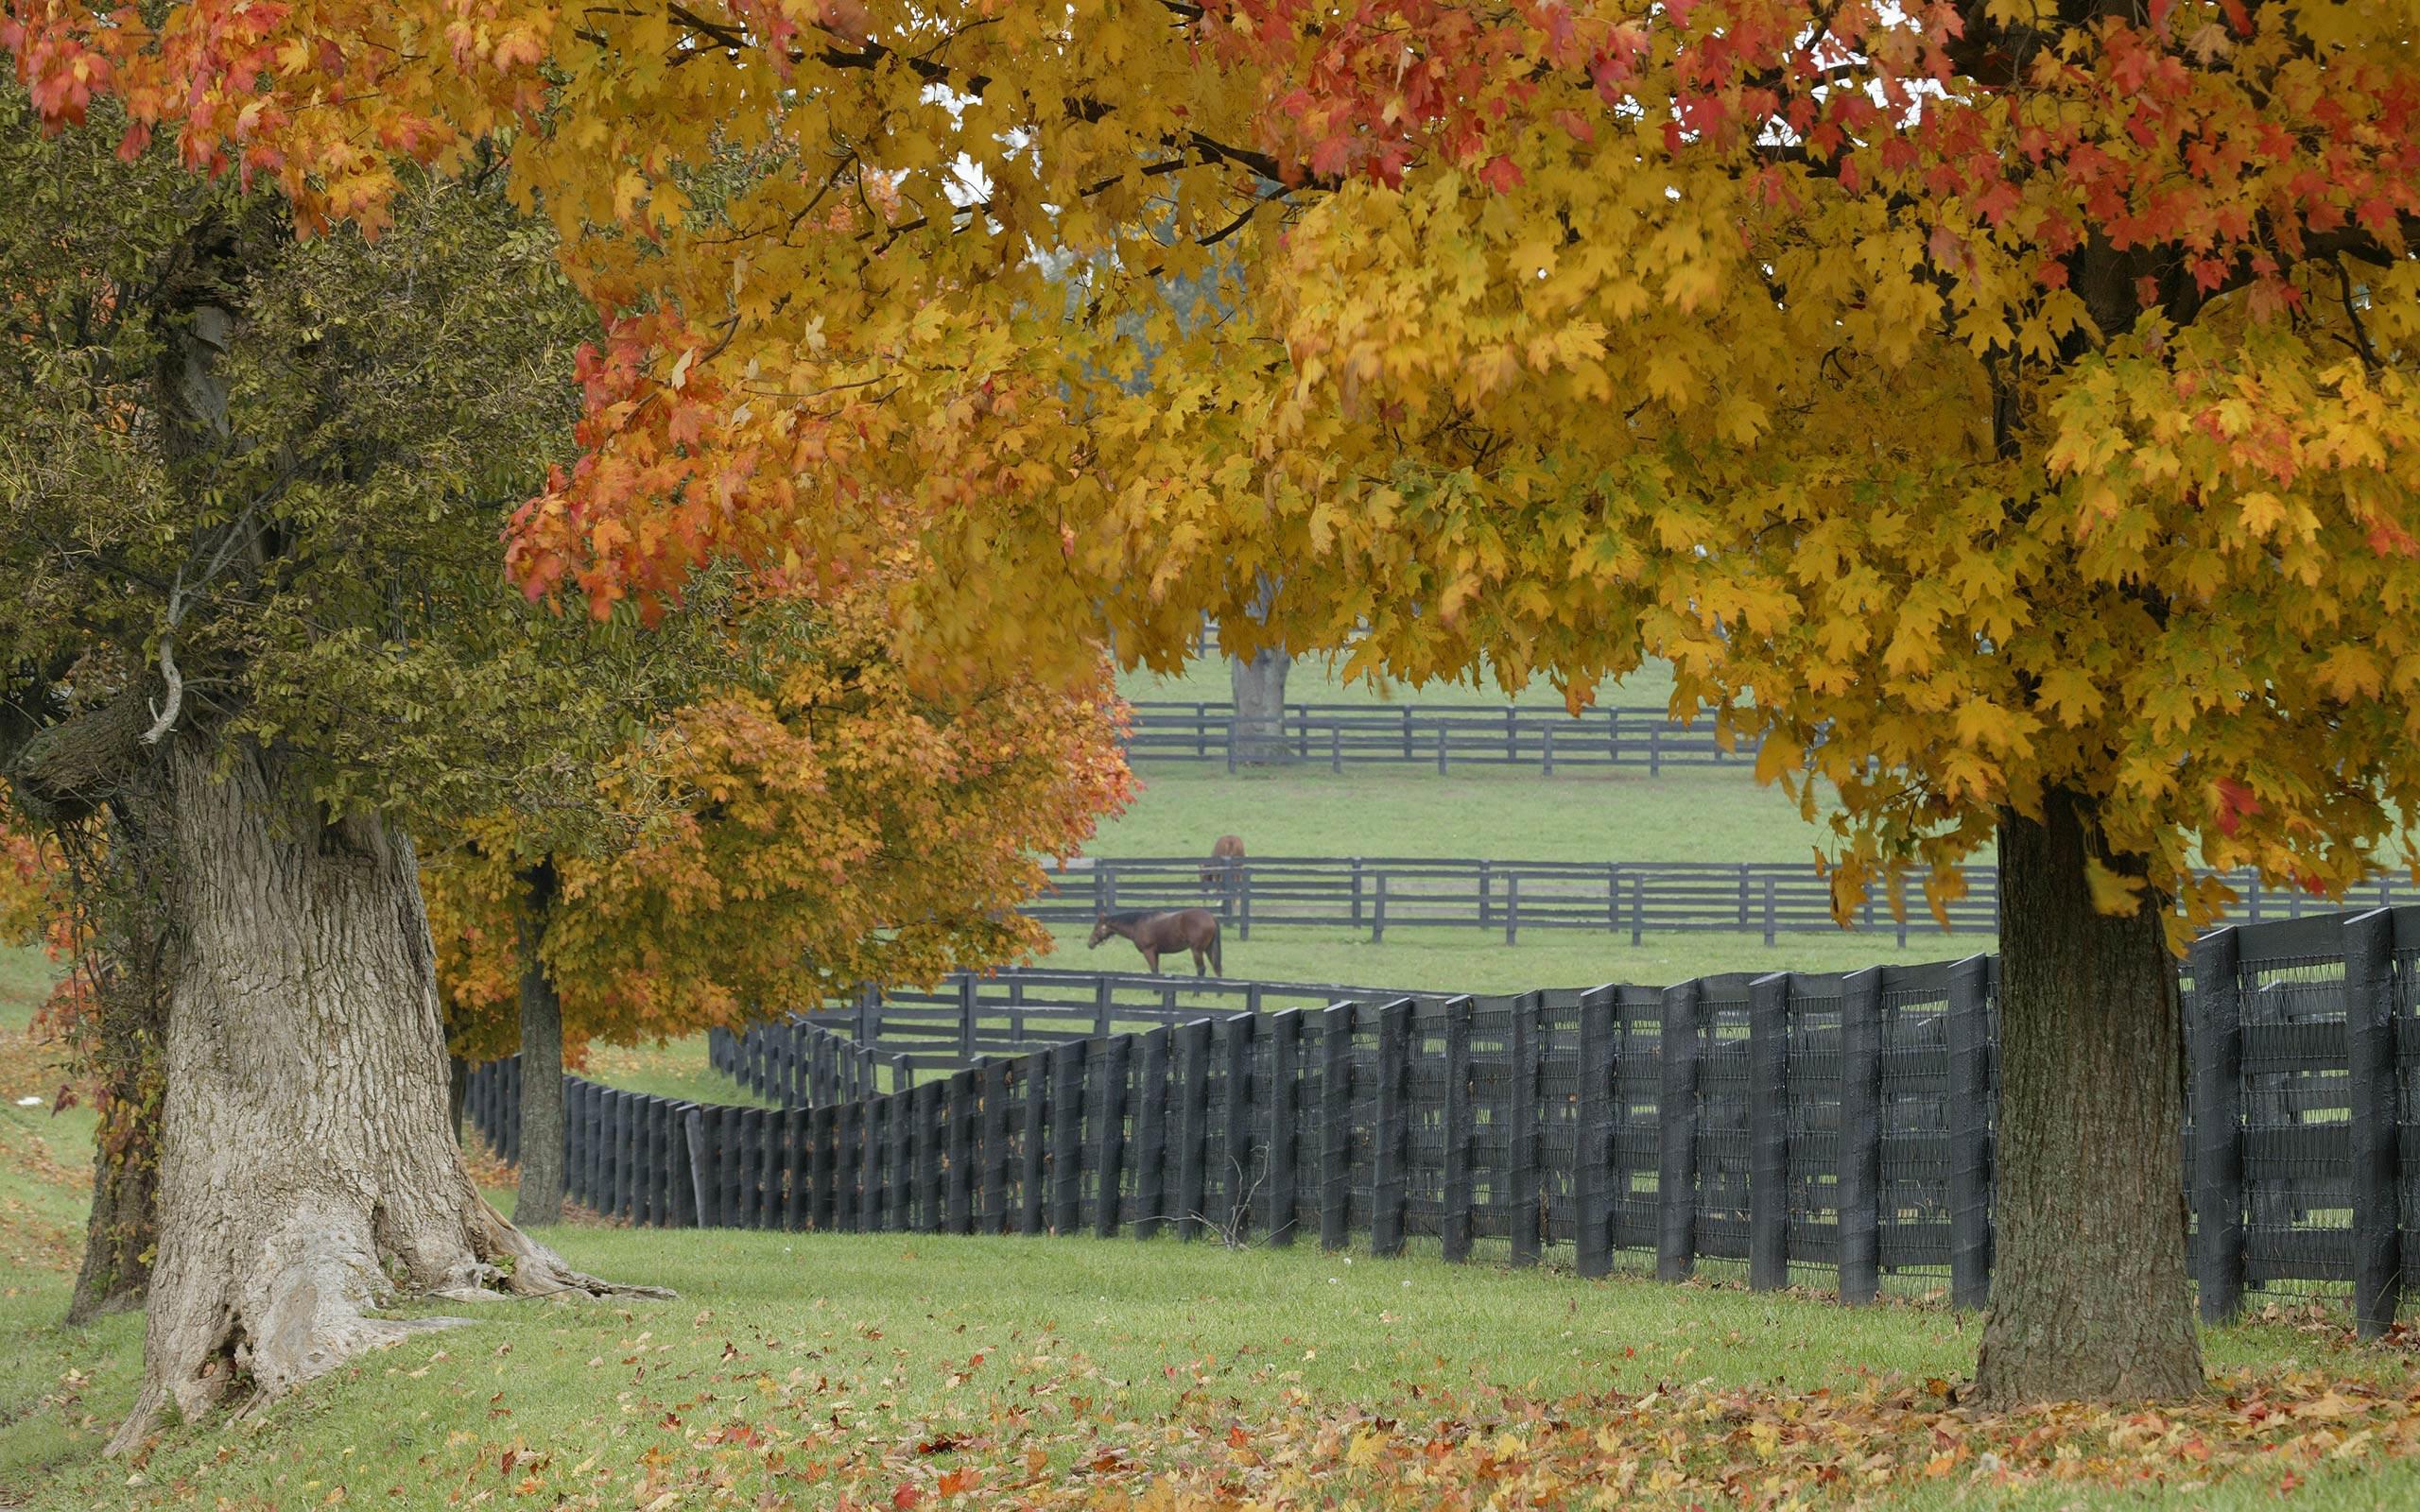 Horse farm wallpapers Horse farm stock photos 2560x1600